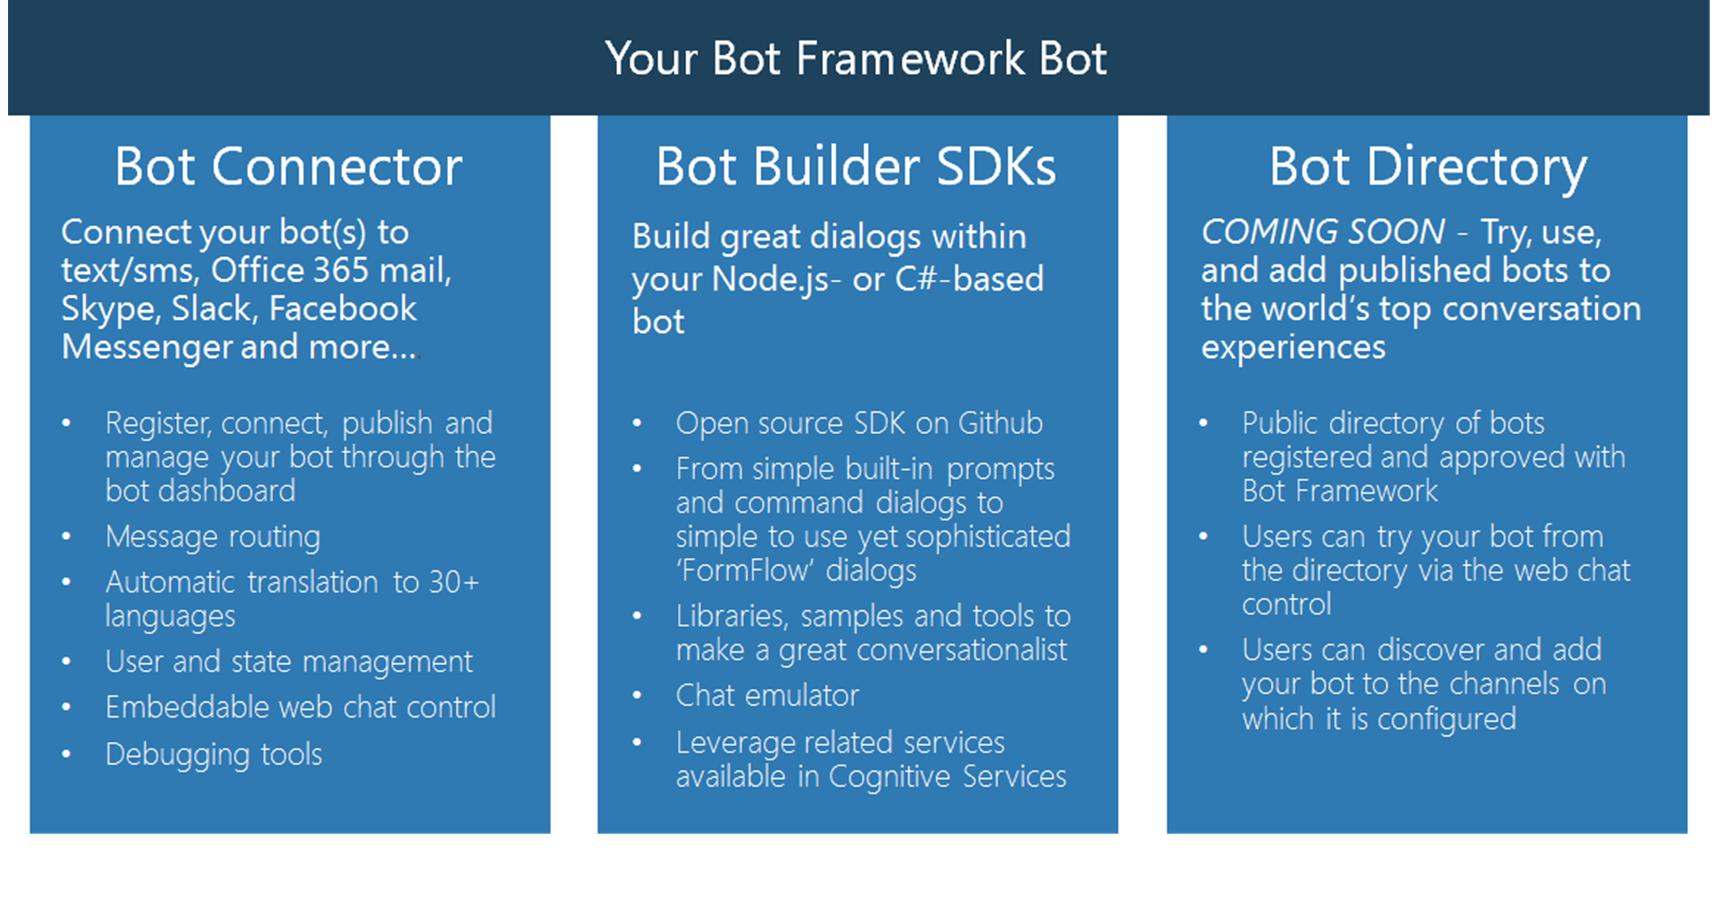 Пишем мультиплатформенного бота для перевода денег с карты на карту с помощью Microsoft Bot Framework V1 - 1